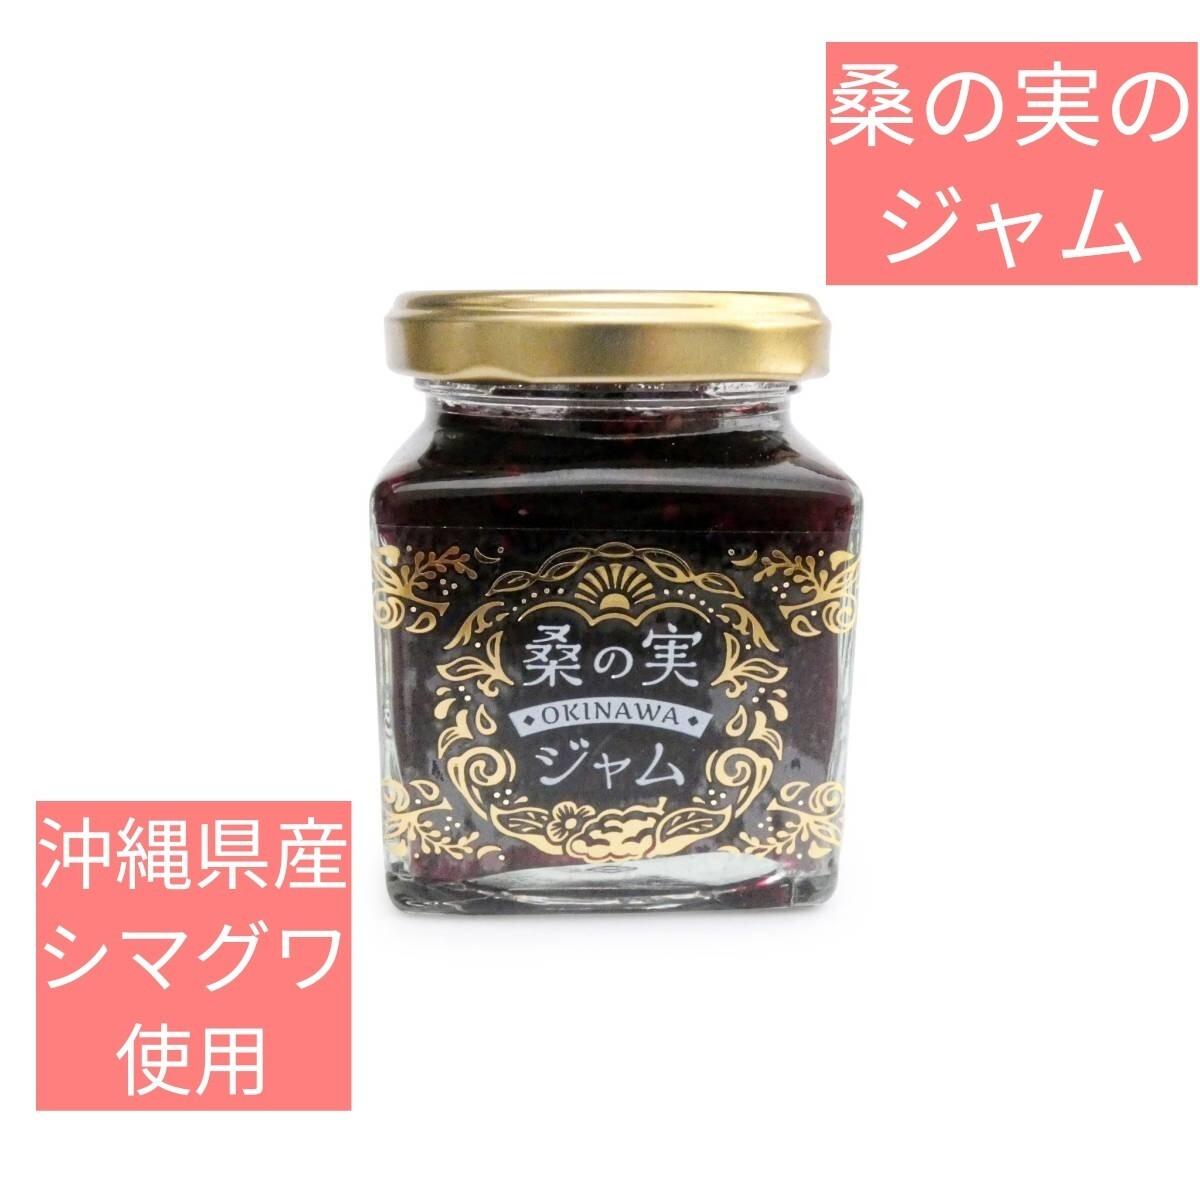 桑の実ジャム 沖縄県産シマグワ使用